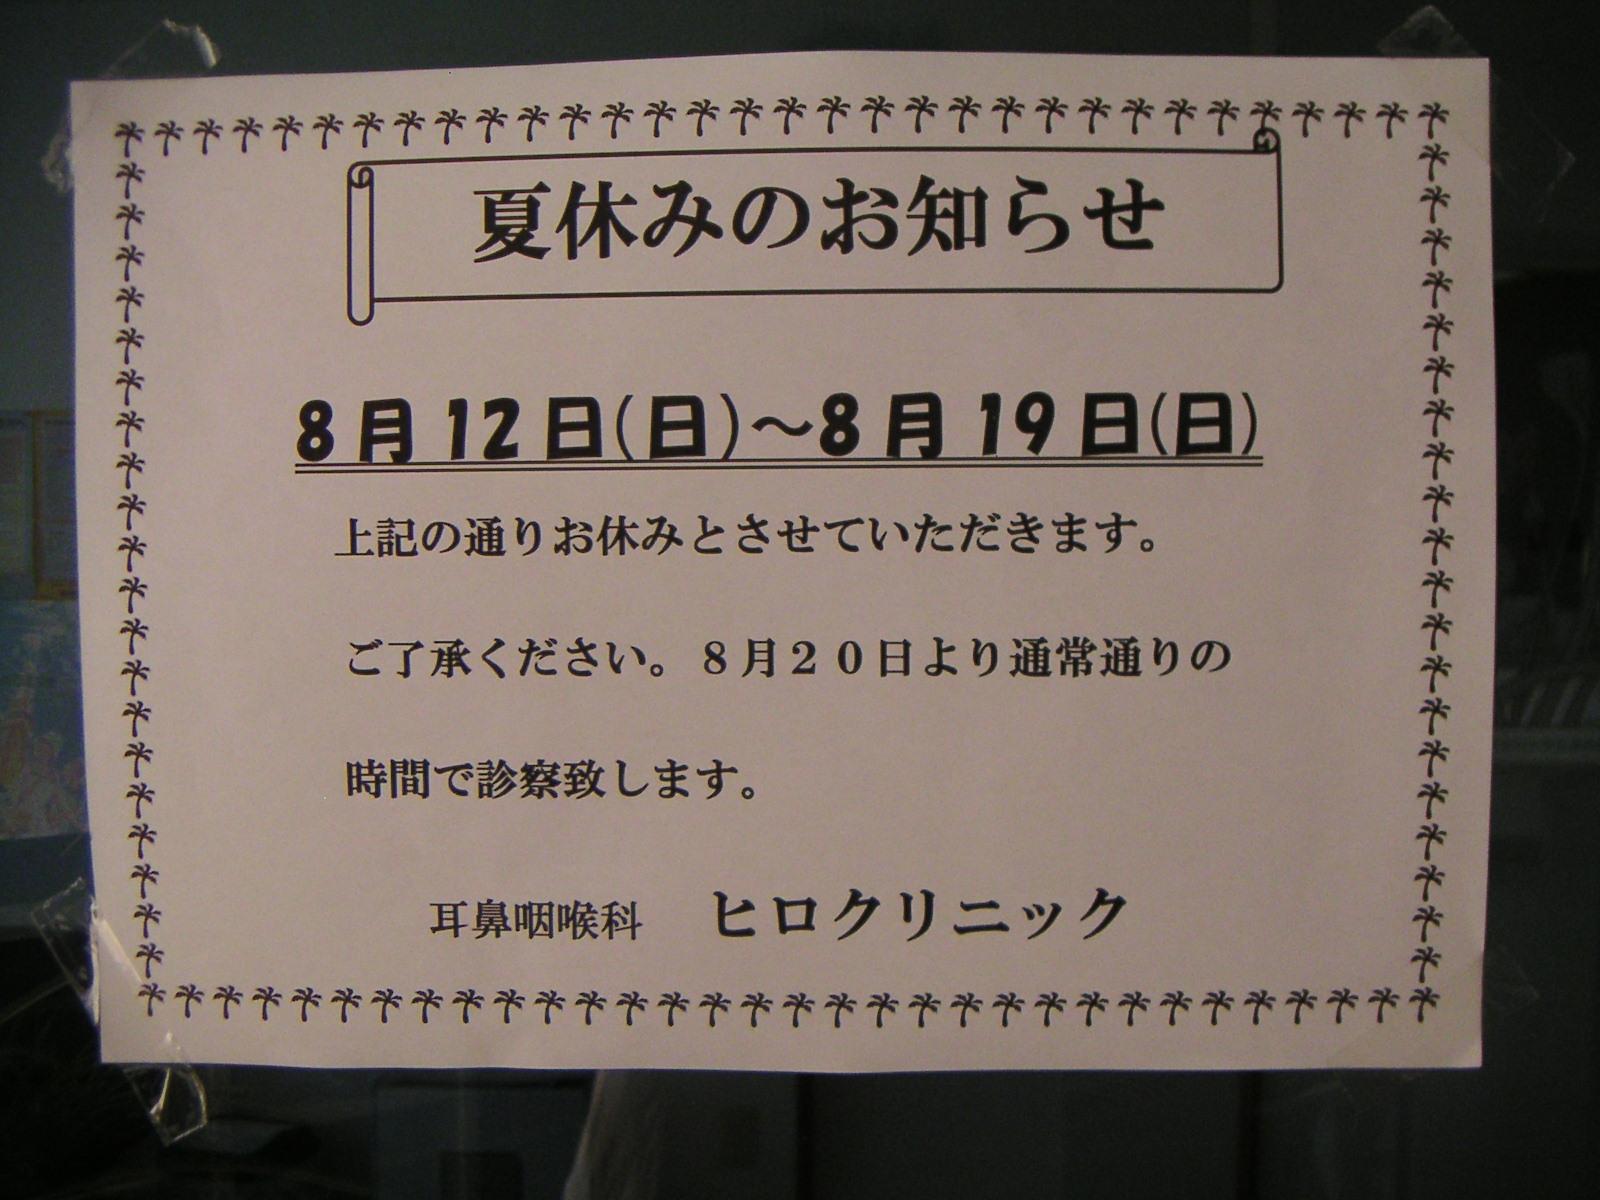 夏休みのお知らせ!(←うちじゃないよ!笑)_d0035245_9351780.jpg